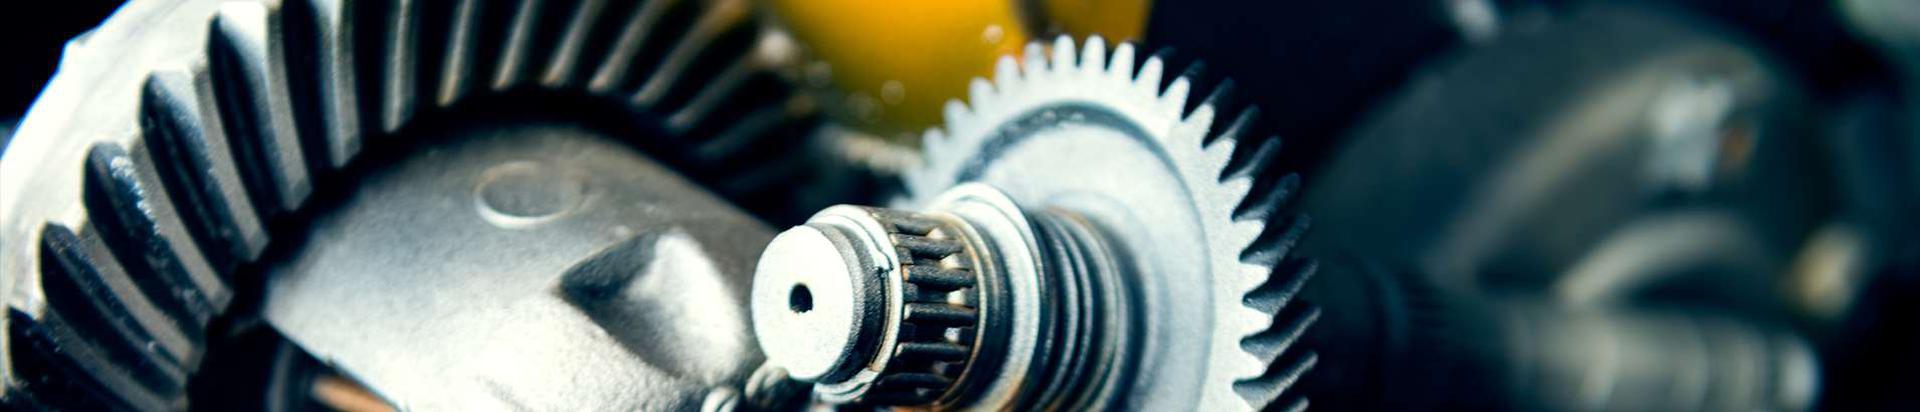 ehitusmasinad ja tööriistad, ehitusmasinate ja -tööriistade rent, ehitusmasinate rent, tööriistade rent, rent ja laenutamine